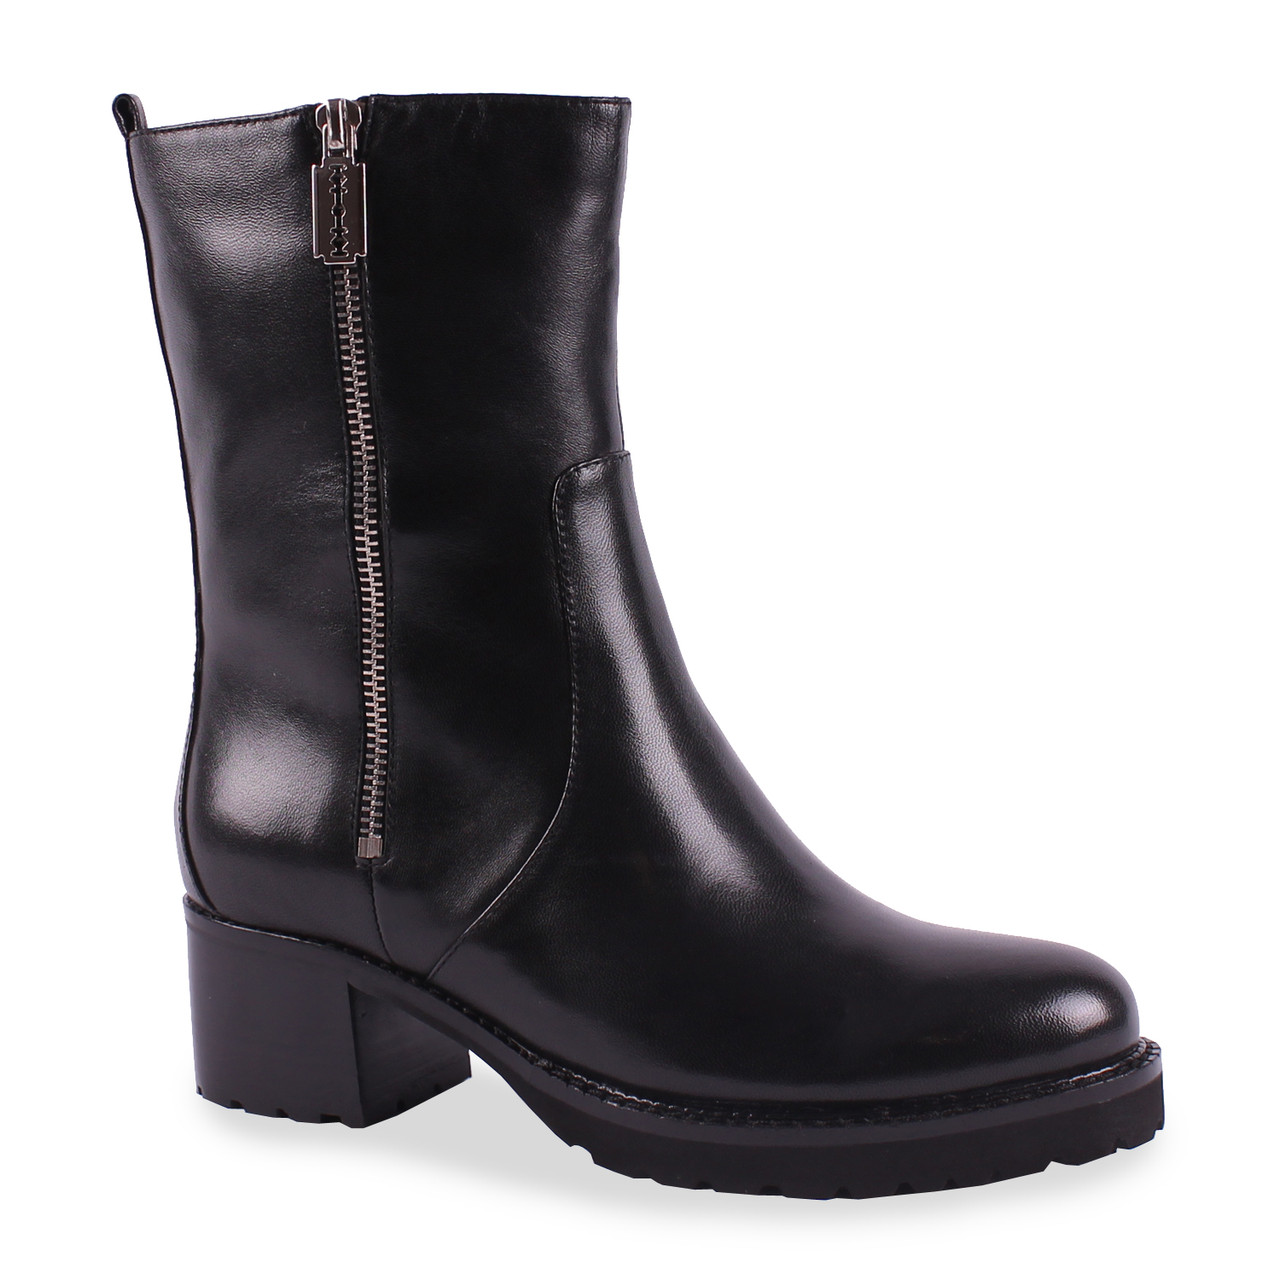 41b67fb38d10 Модные женские полу сапоги(кожаные, черные, зимние, на каблуке, удобные,